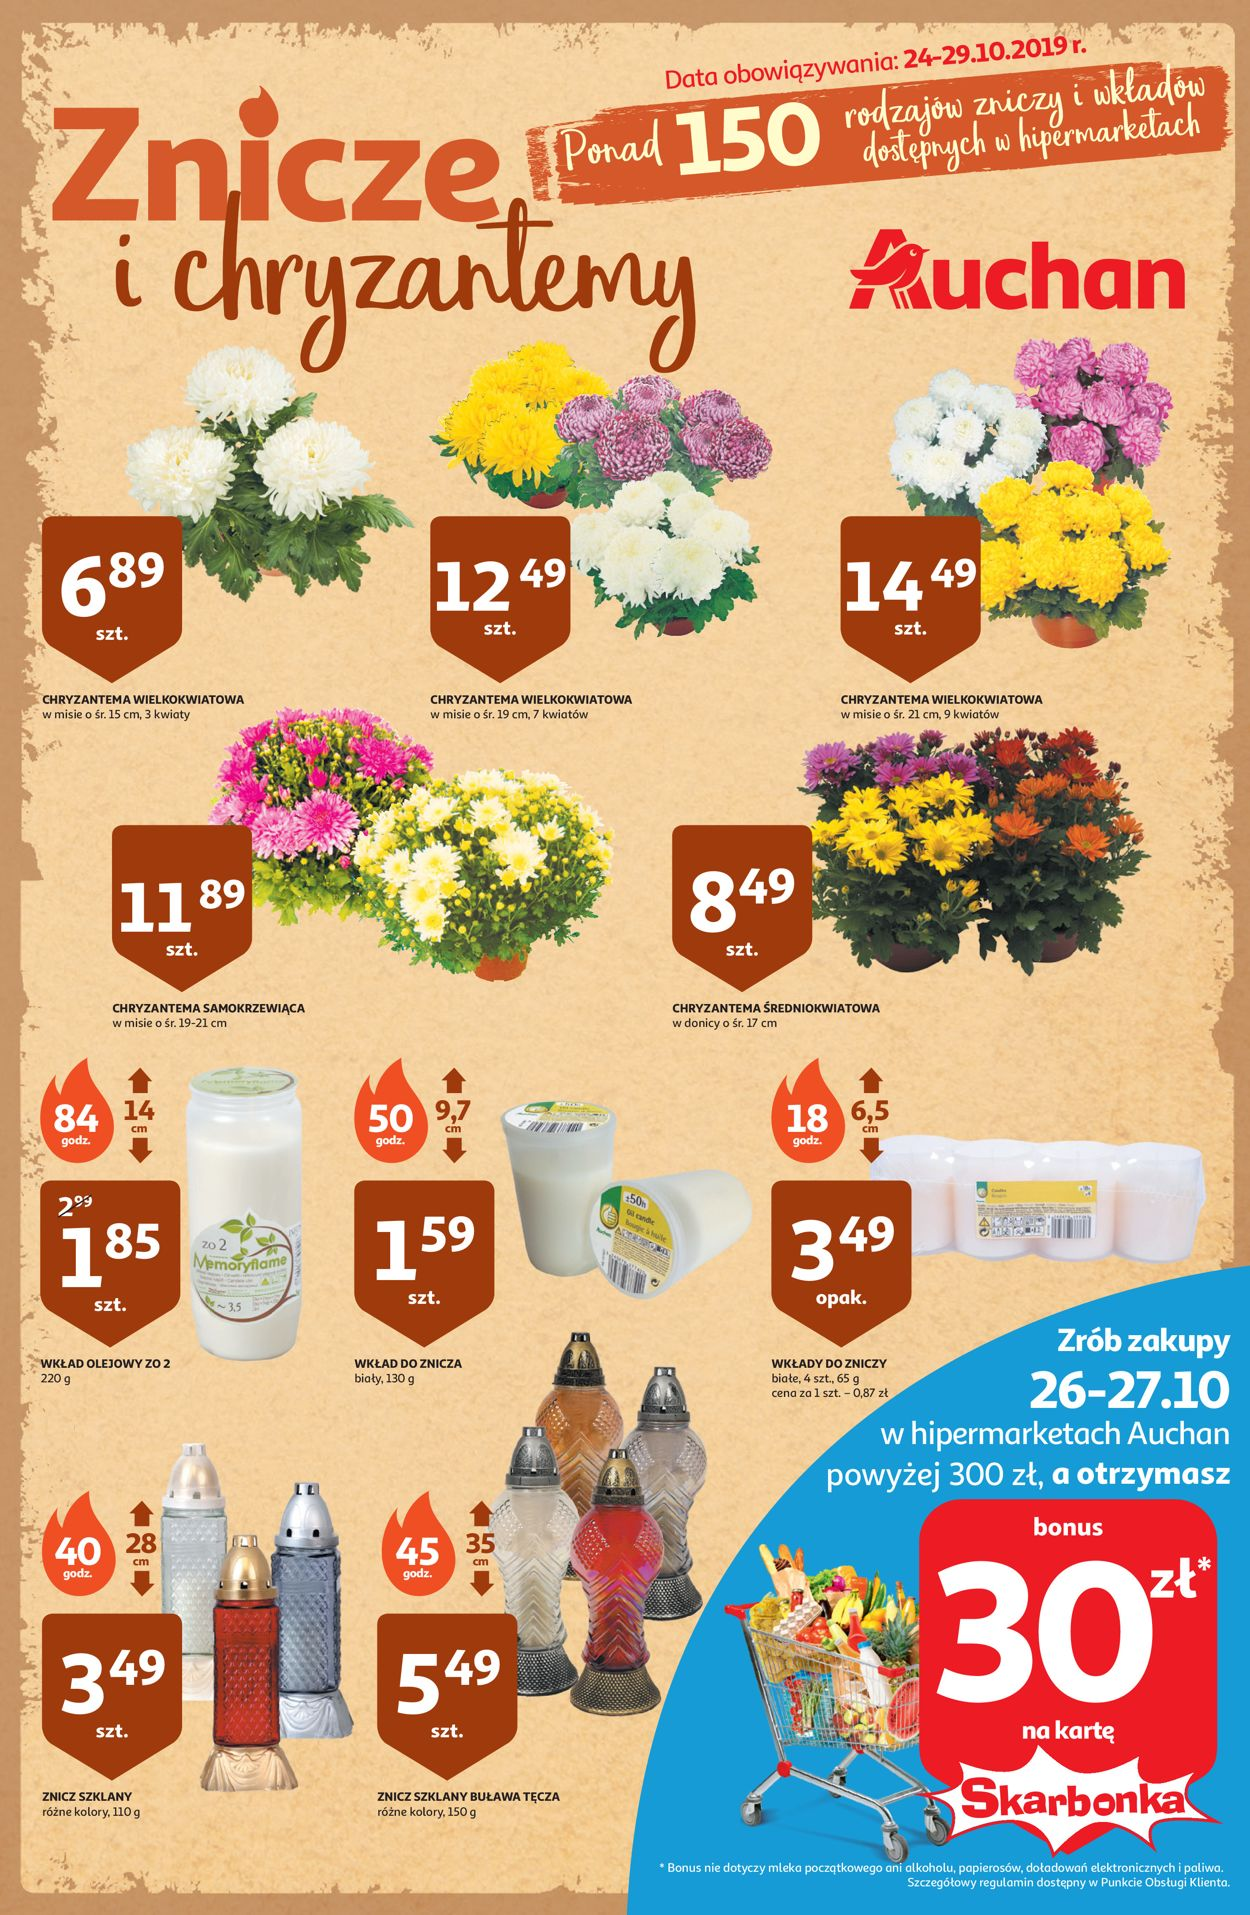 Gazetka promocyjna Auchan - 24.10-29.10.2019